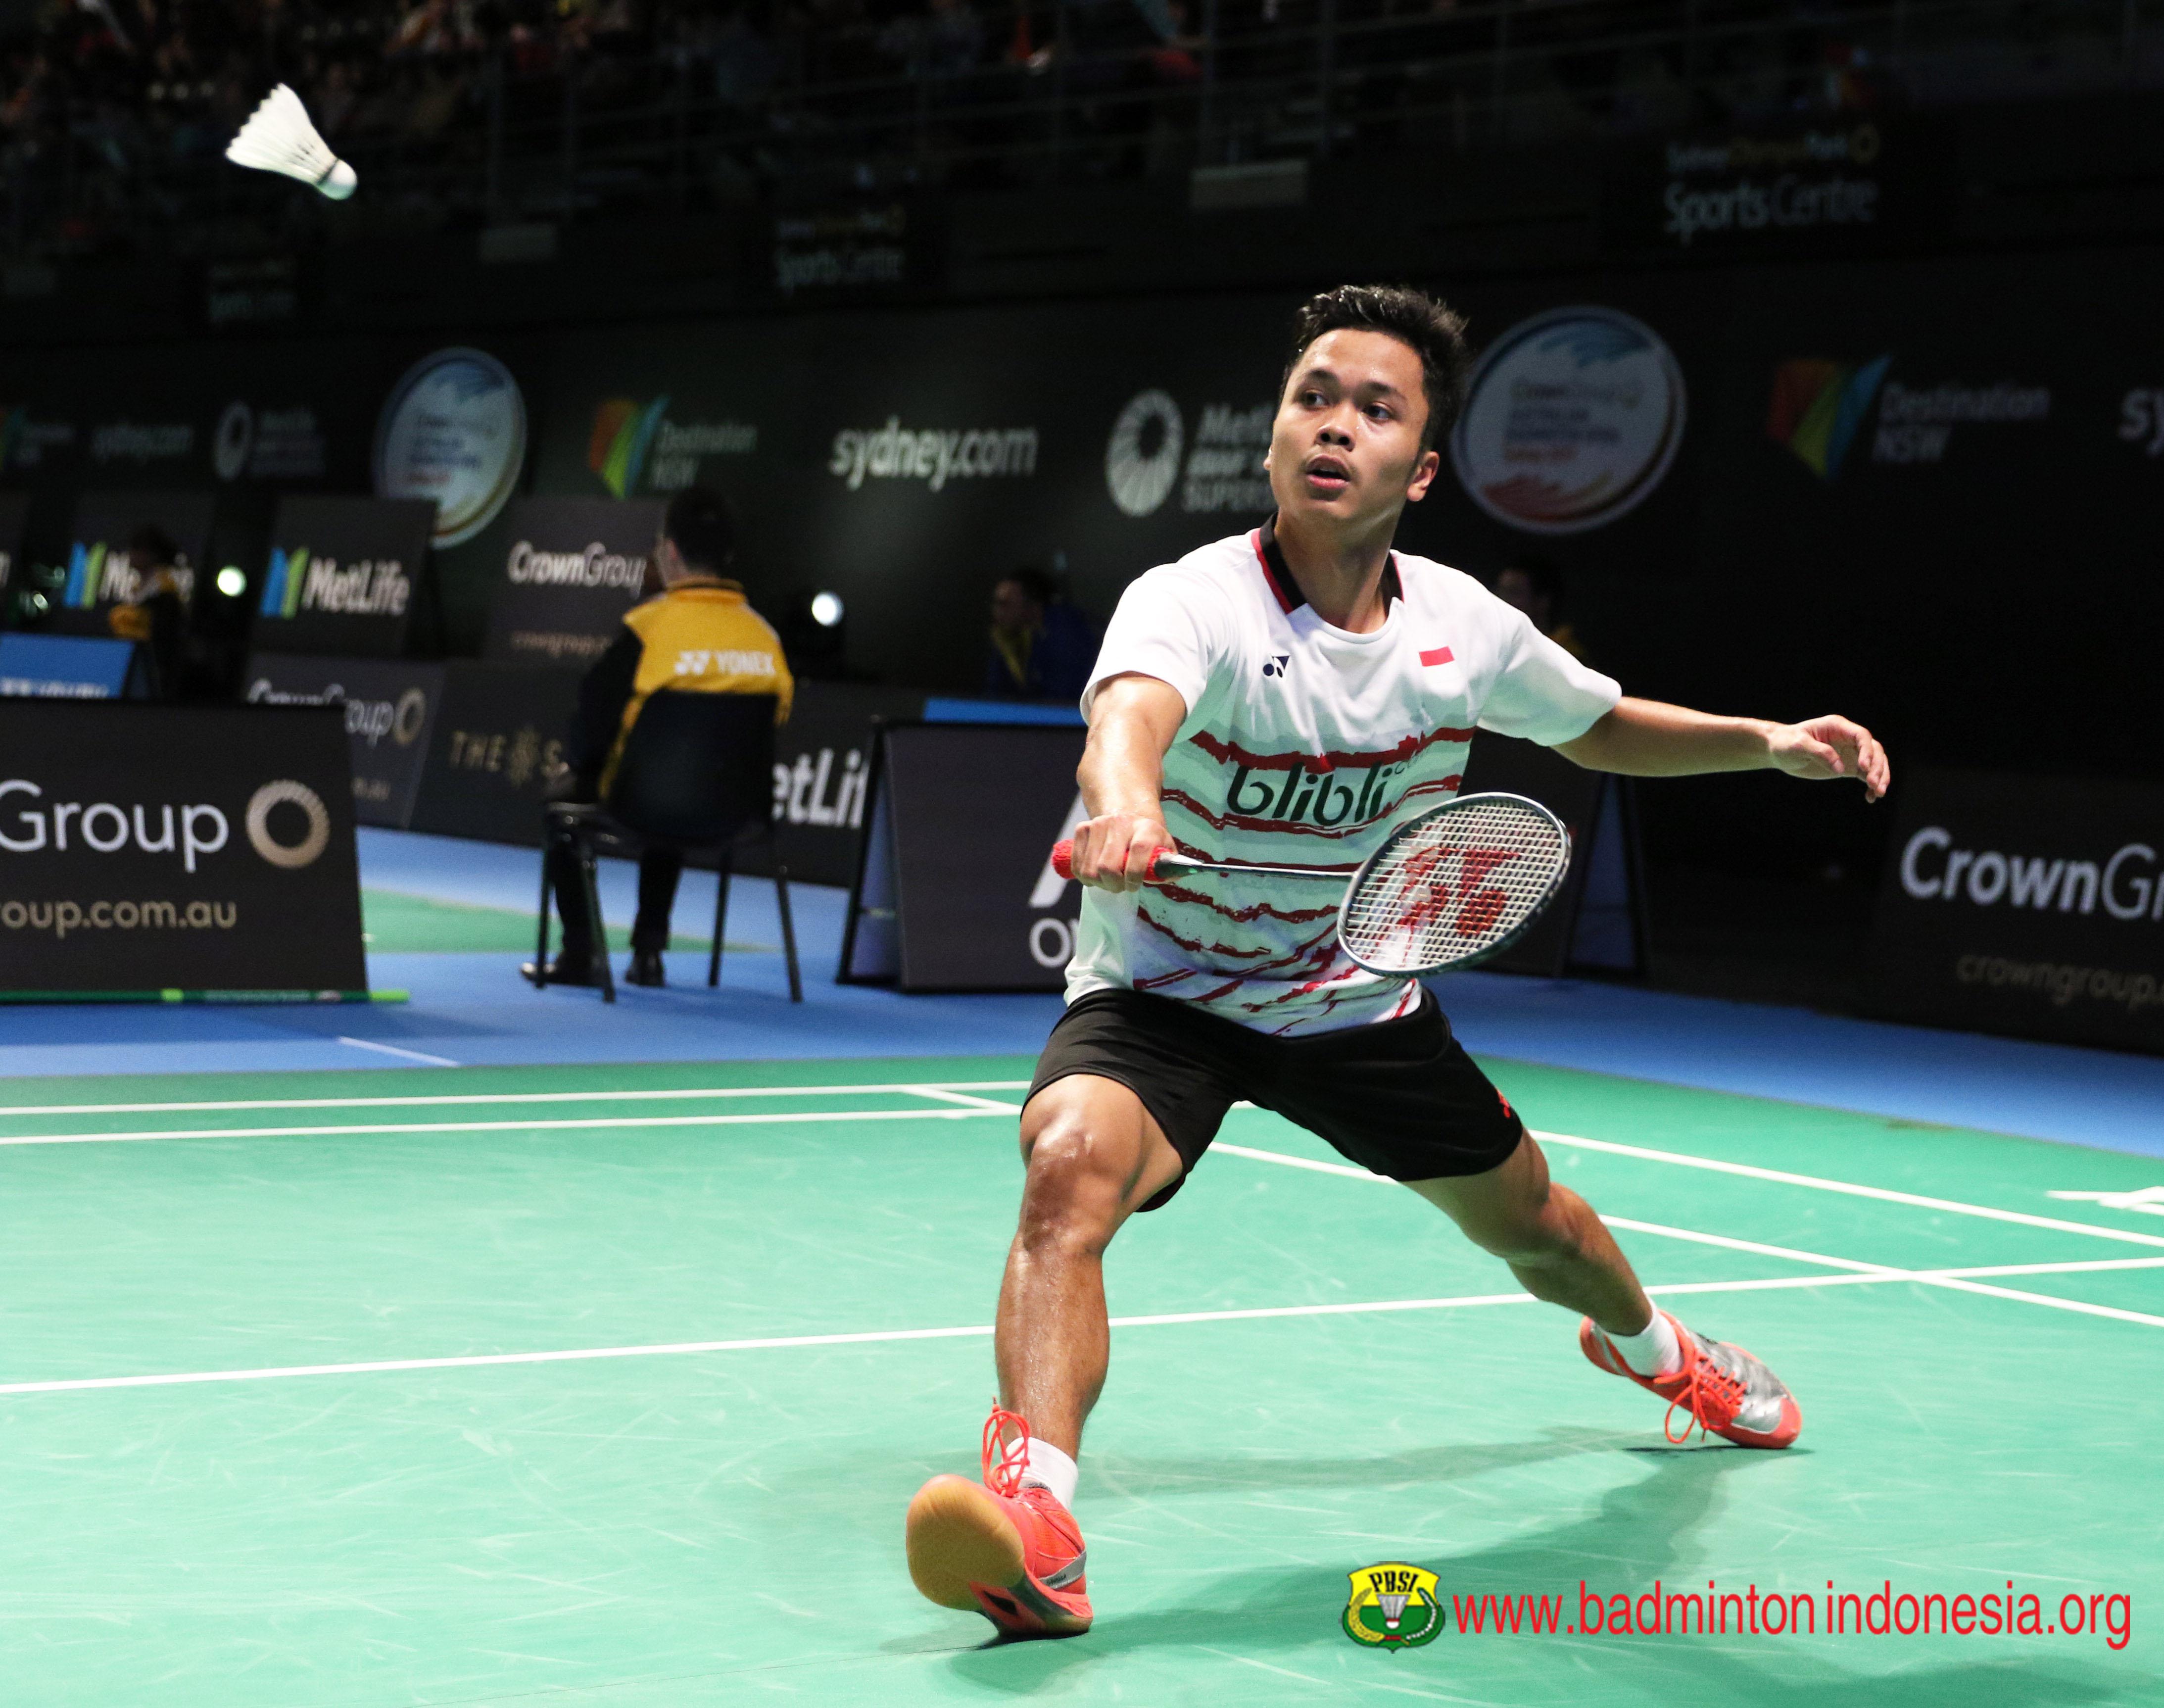 Djarum Badminton Australia Open 2017 Anthony Belum Berhasil ke